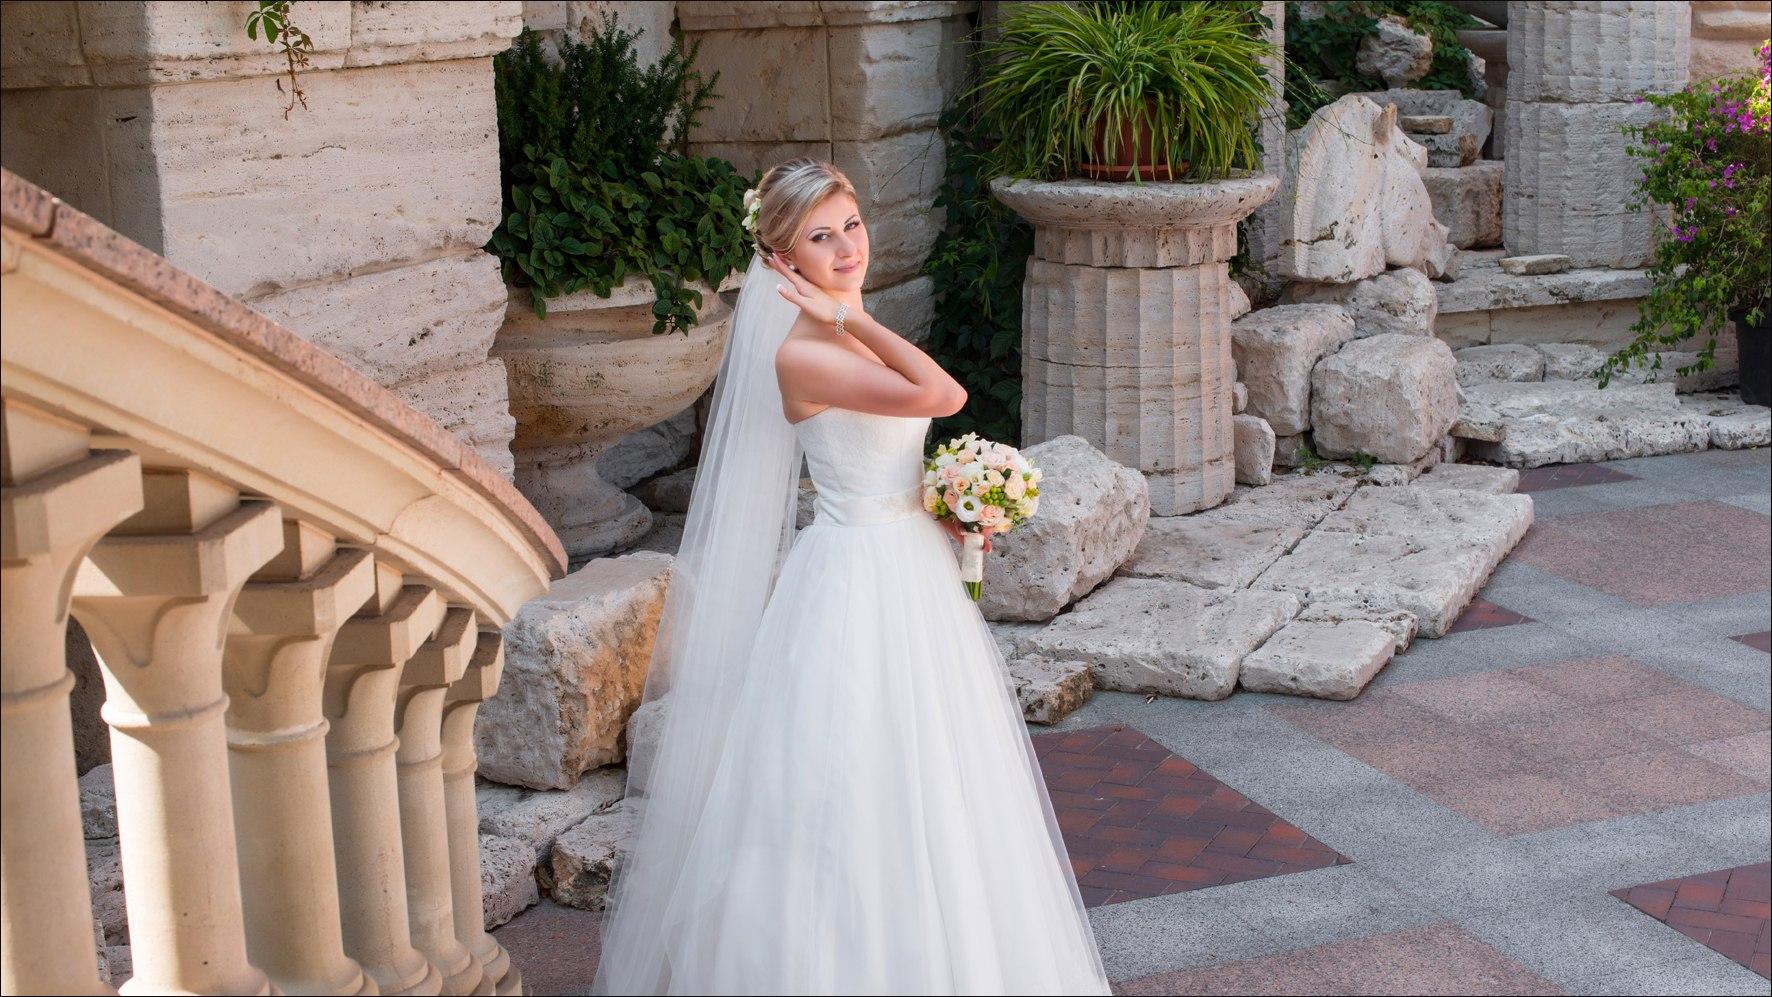 cGHgGwISHTc - Идеальная свадебная церемония: Возможно ли это?